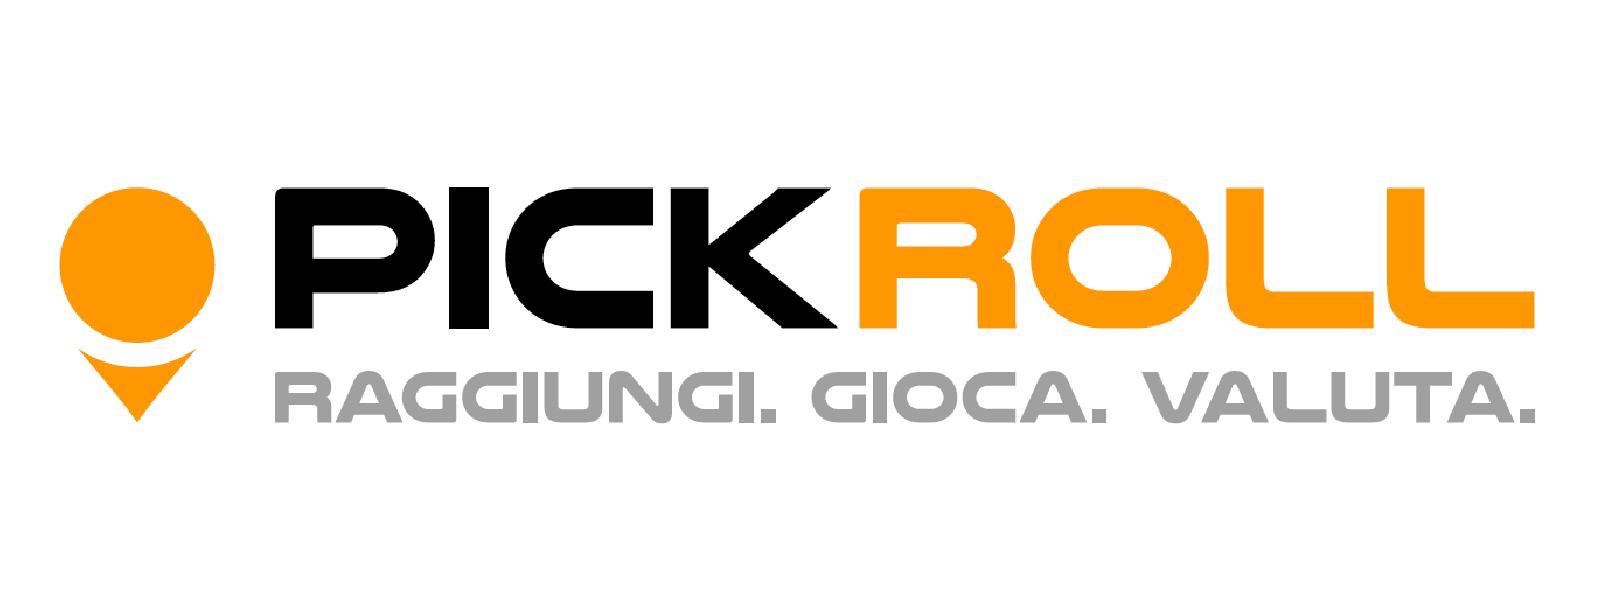 https://www.basketmarche.it/immagini_articoli/30-10-2019/sutor-montegranaro-pick-roll-insieme-canestro-600.png